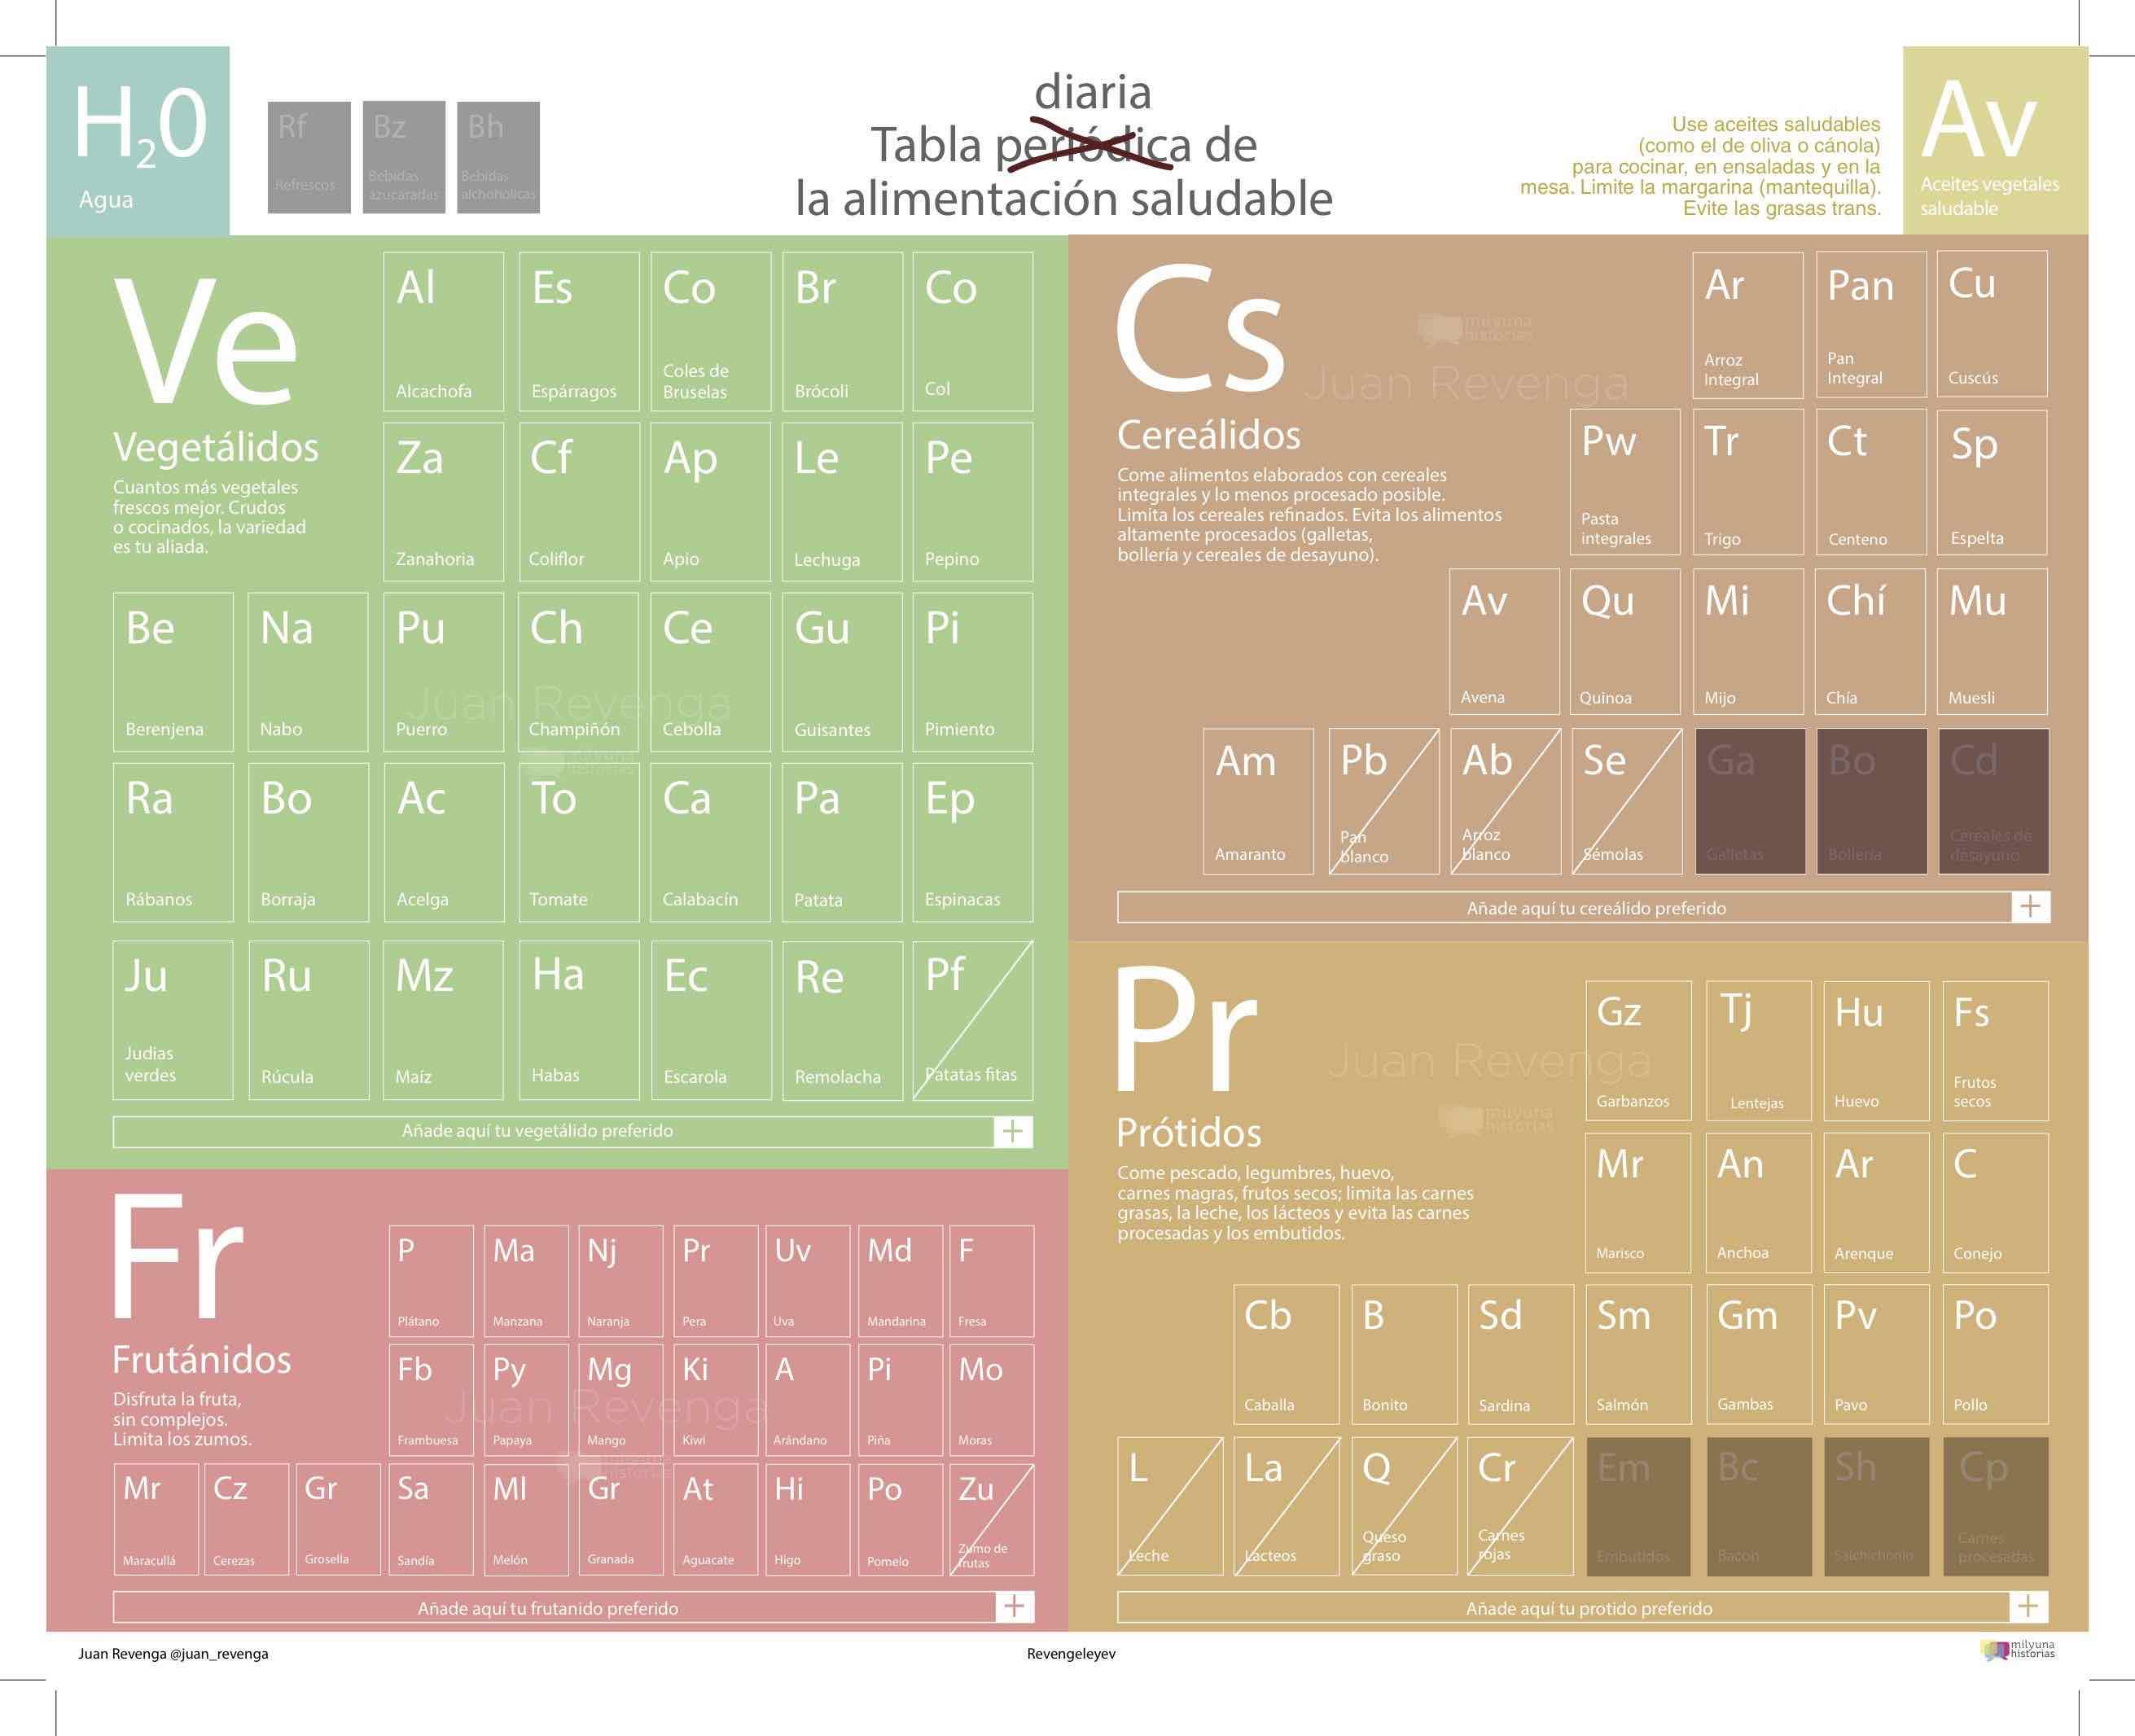 Tabla peridica de los elementos vs tabla diaria de los alimentos tabla peridica de los elementos vs tabla diaria de los alimentos urtaz Choice Image